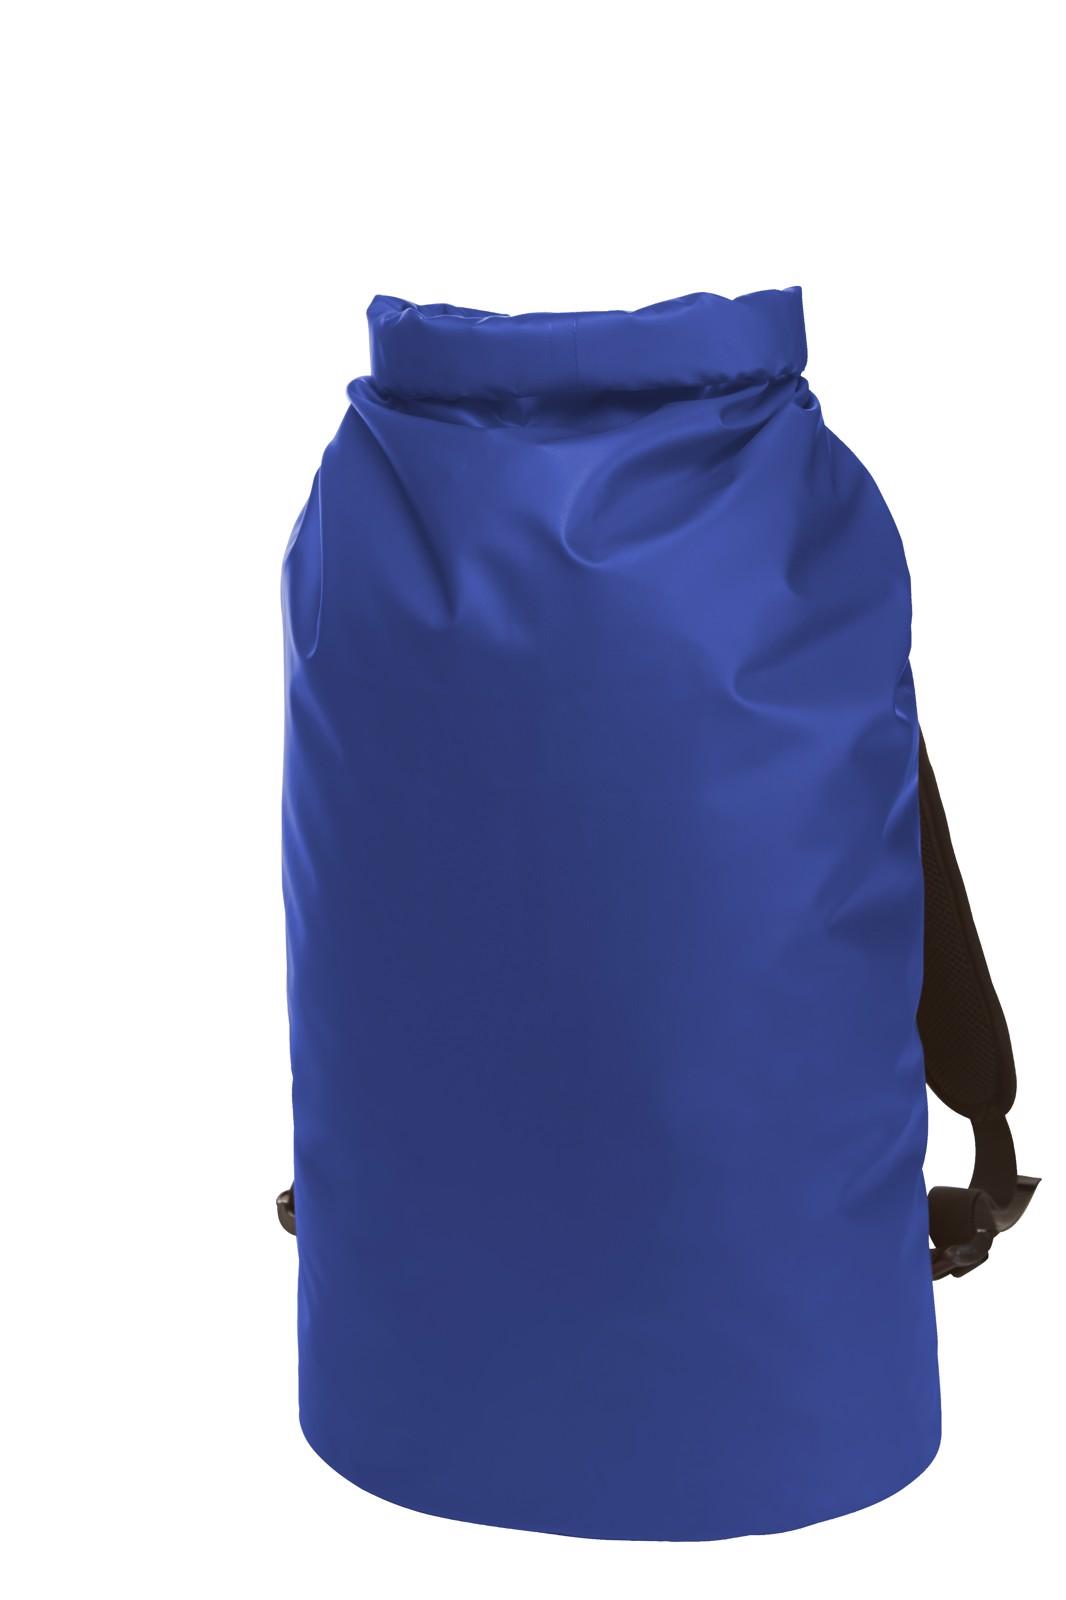 Batoh Splash - Královská Modrá